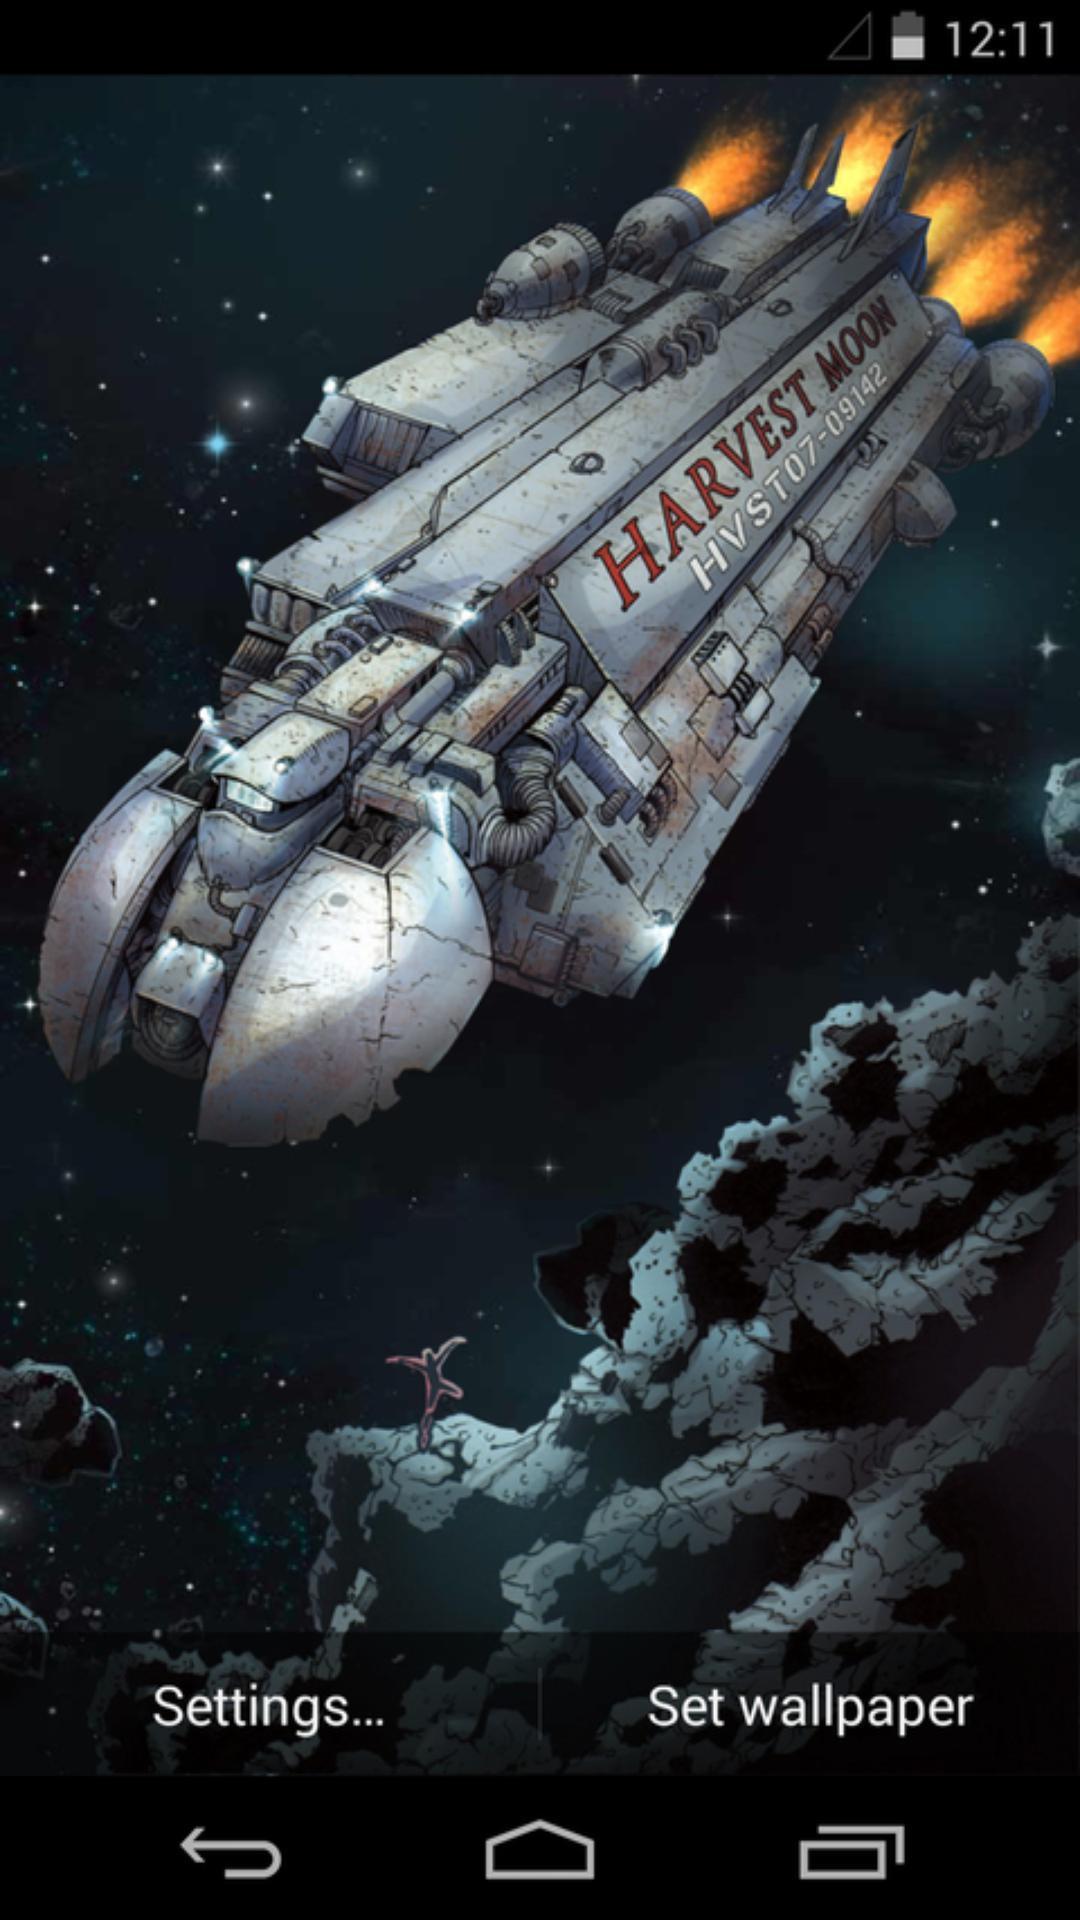 太空掘金队-梦象动态壁纸